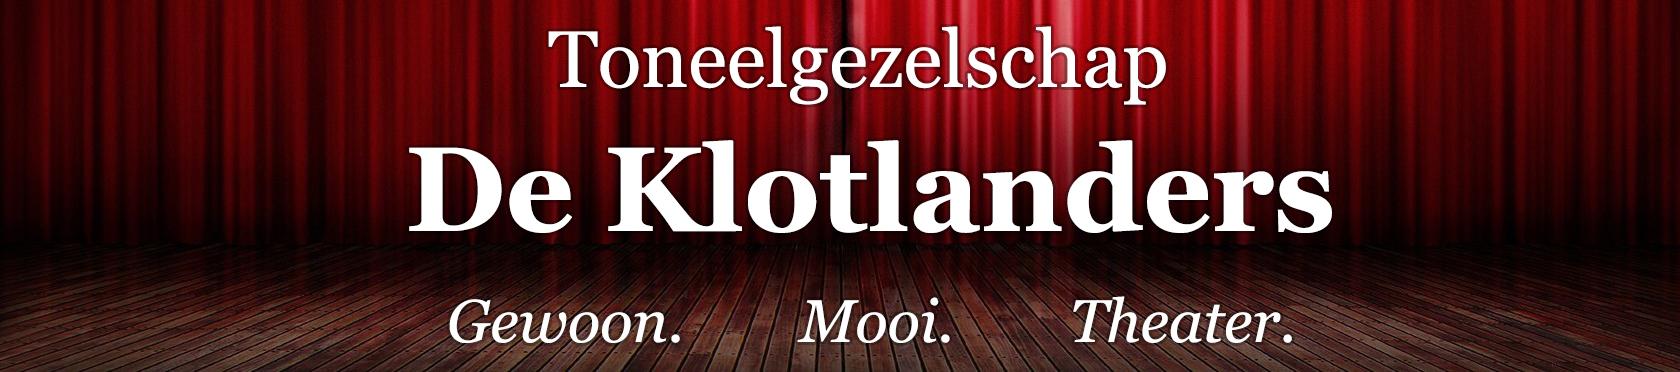 Toneelgezelschap de Klotlanders